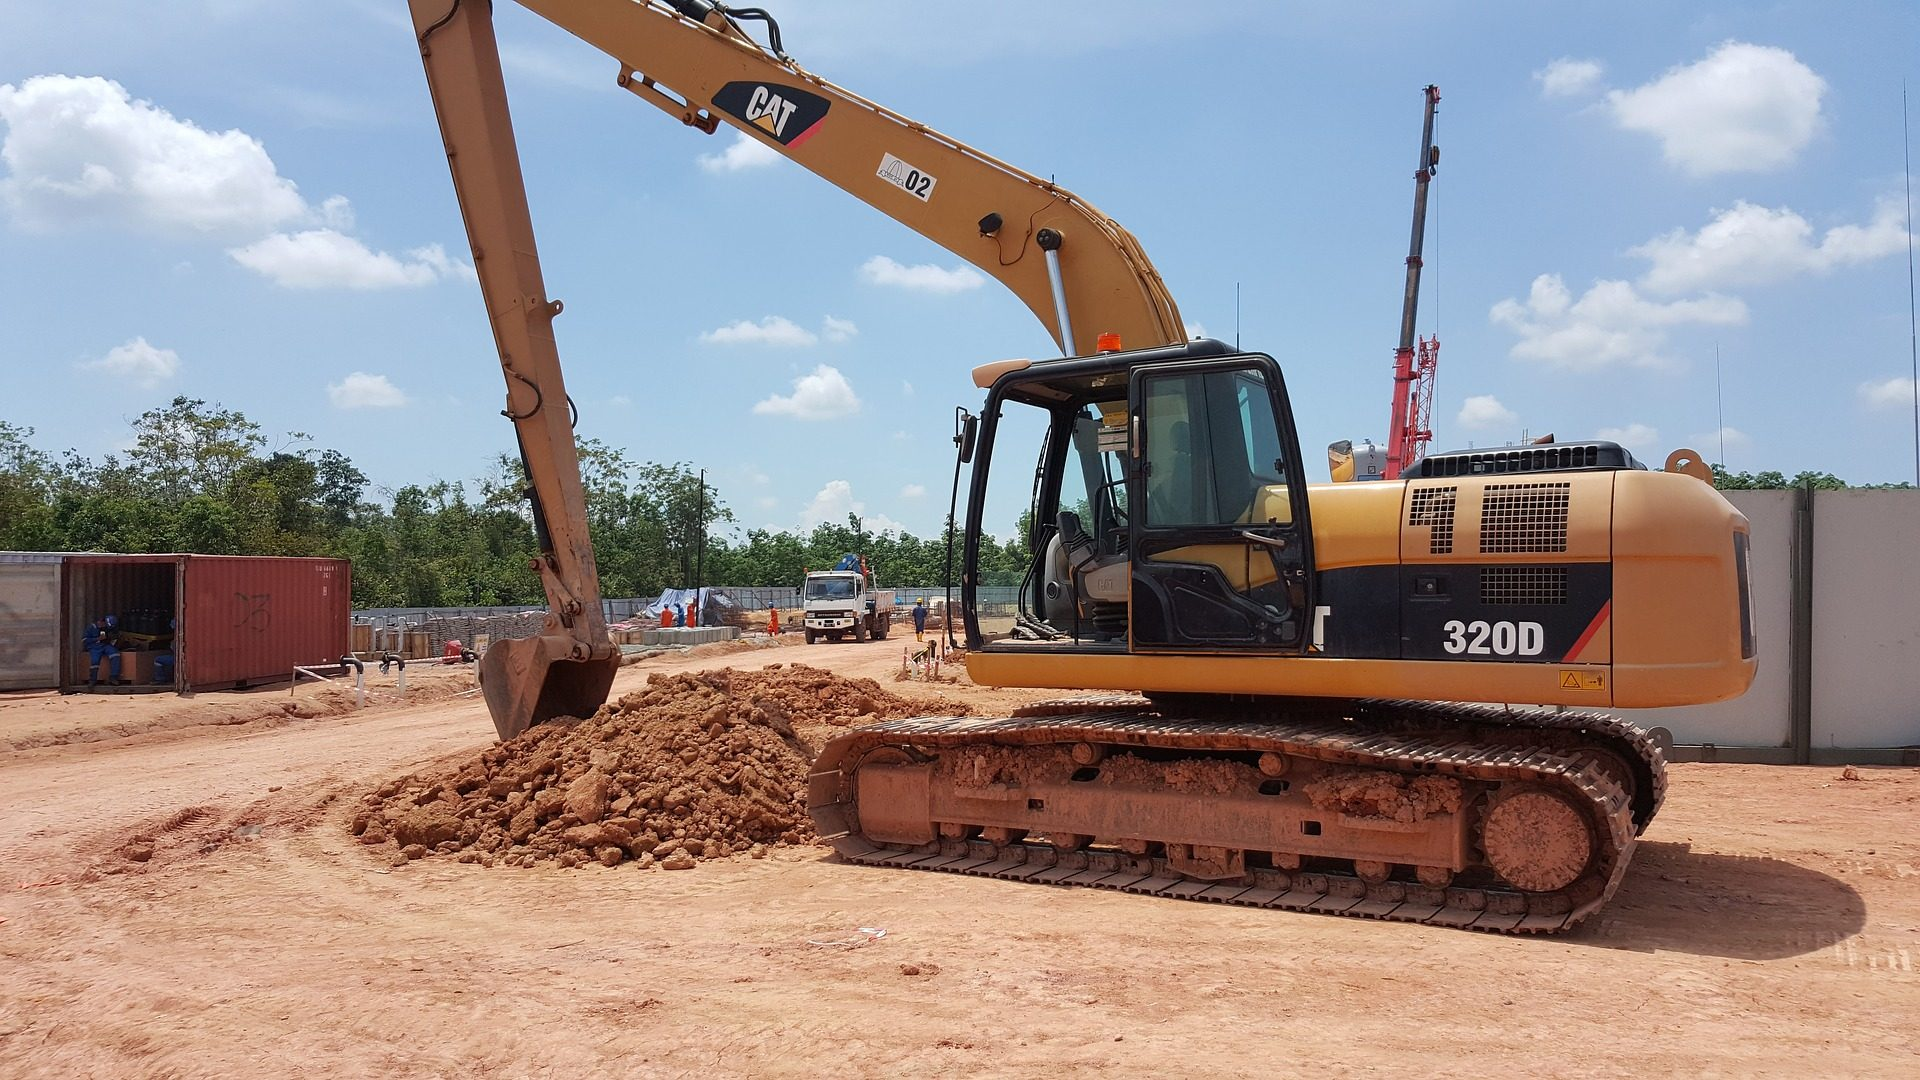 excavadora, máquina, construcción, obra, tierra - Fondos de Pantalla HD - professor-falken.com